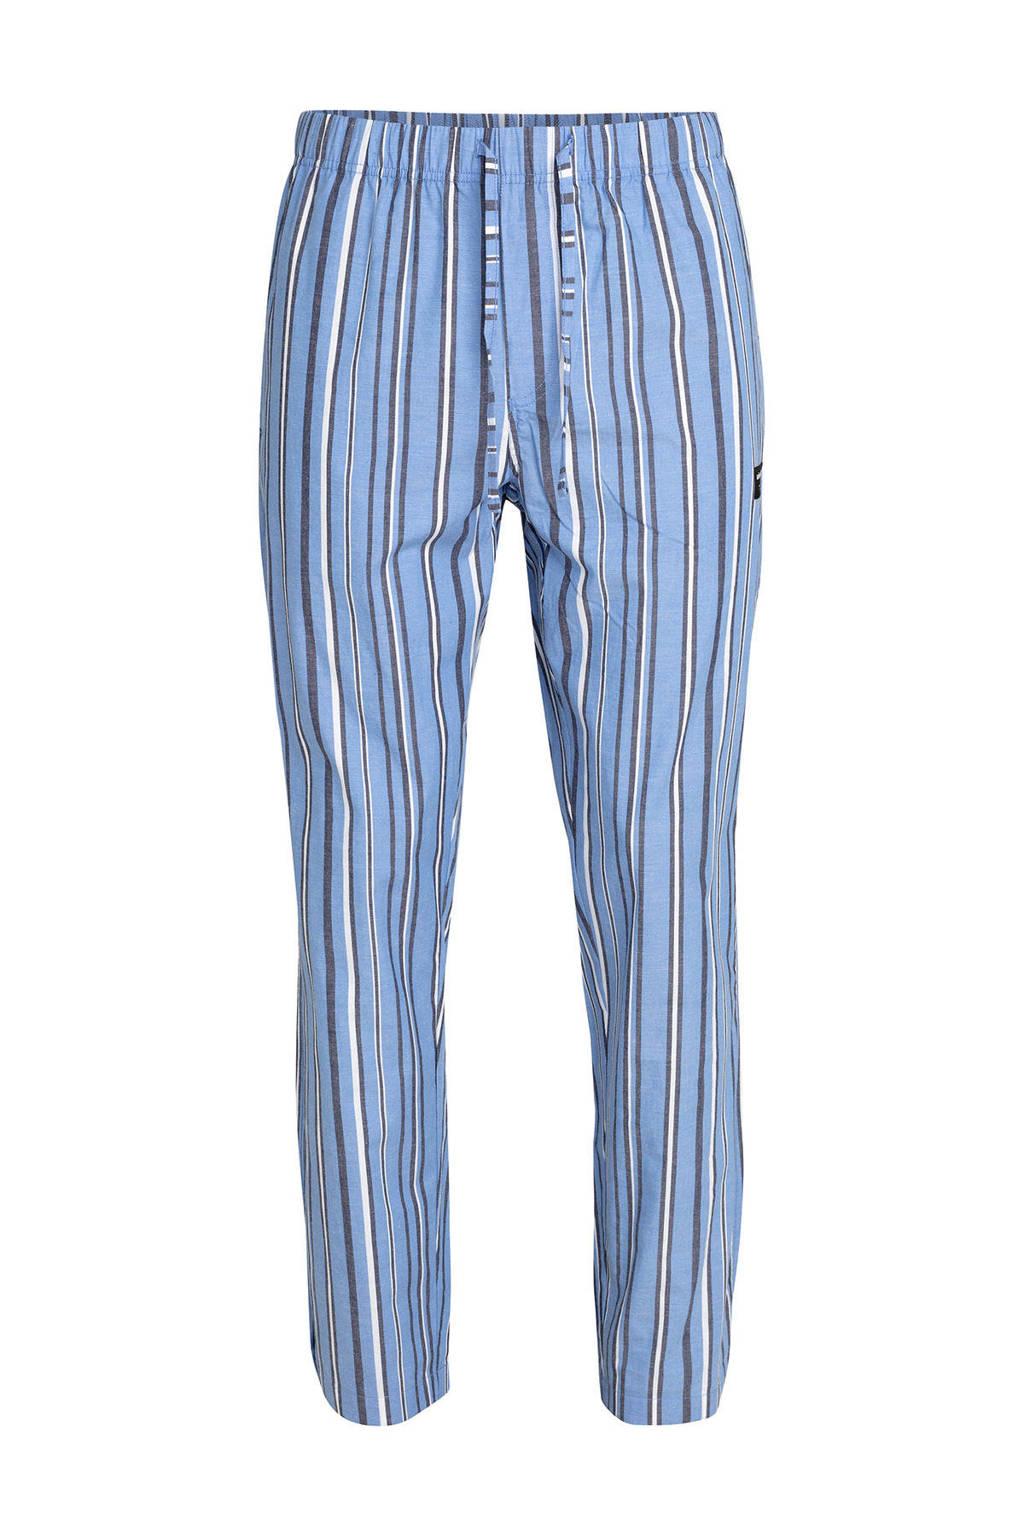 Björn Borg gestreepte pyjamabroek organisch katoen blauw, Blauw